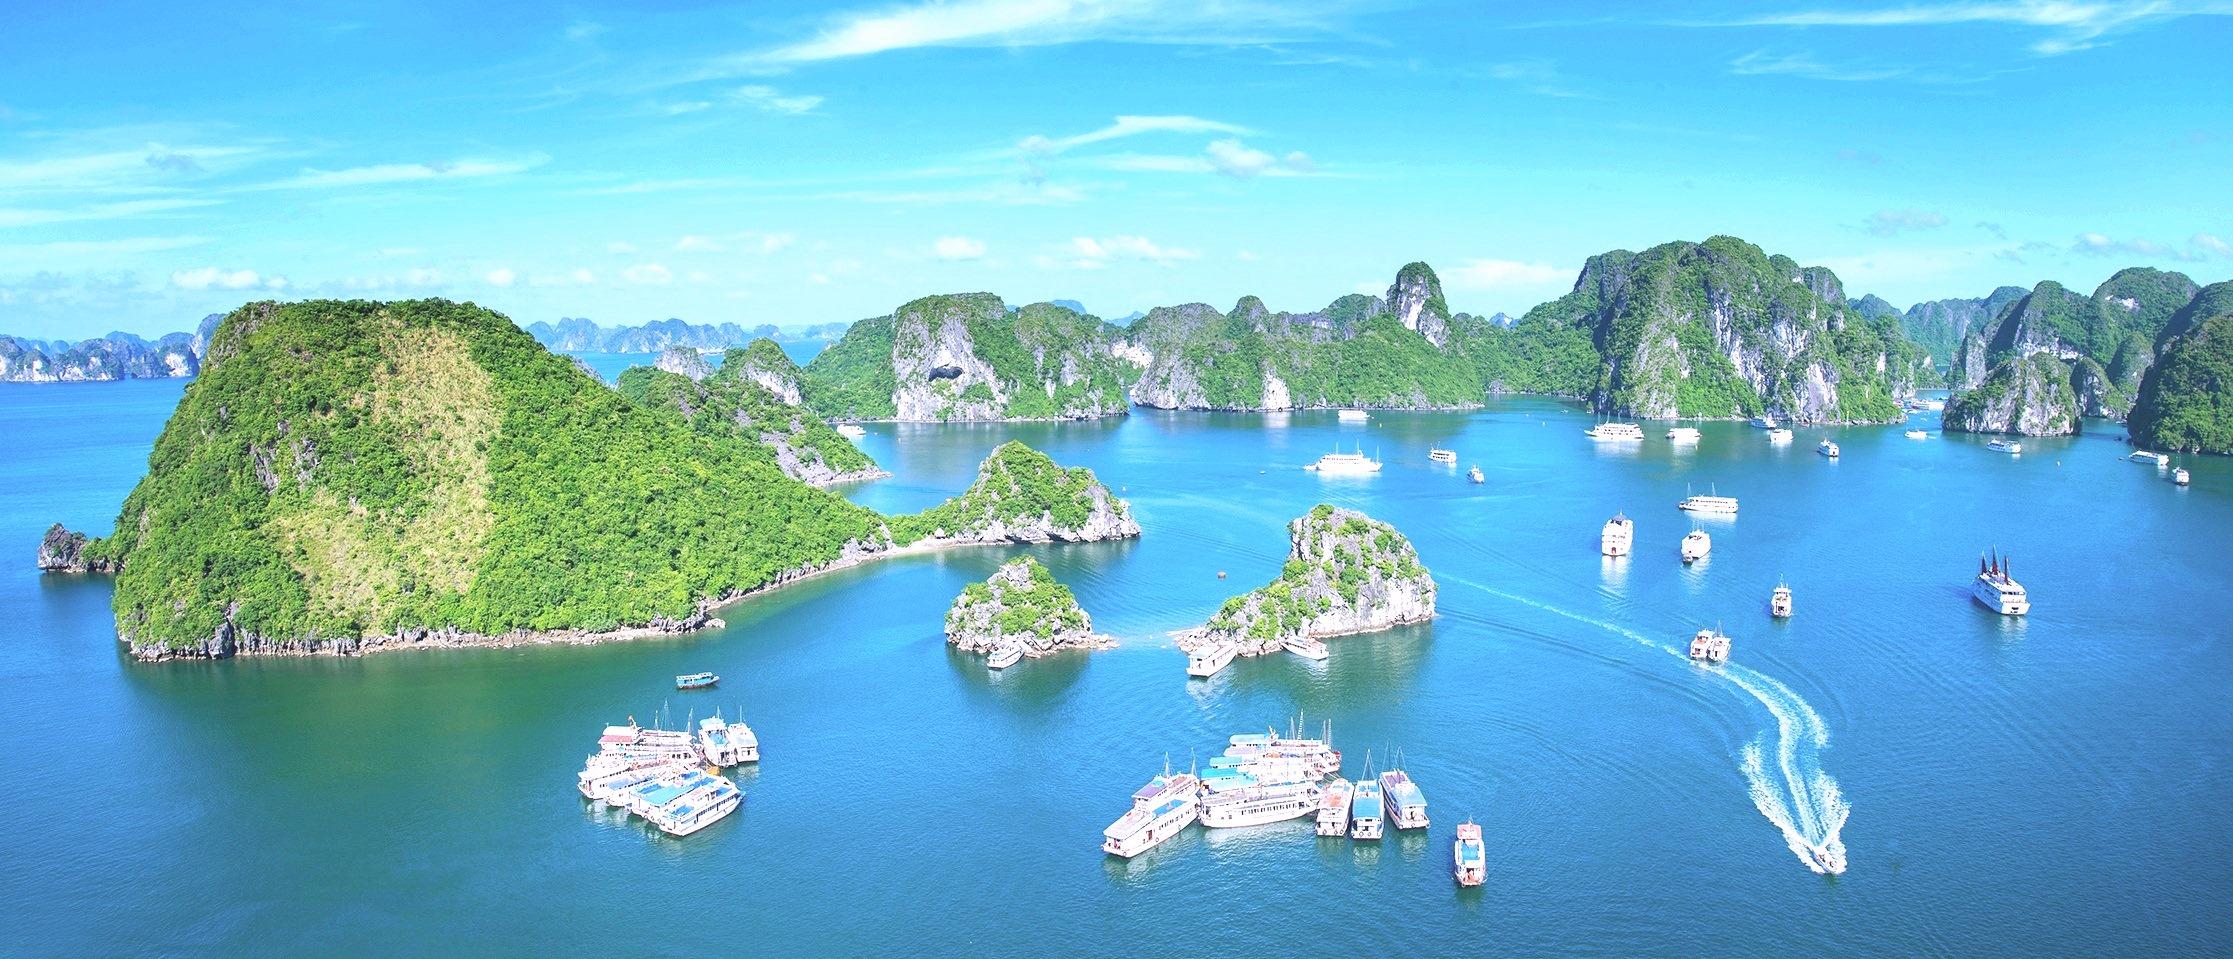 Tour ghép Hà Nội – Hạ Long – Sapa  5 ngày